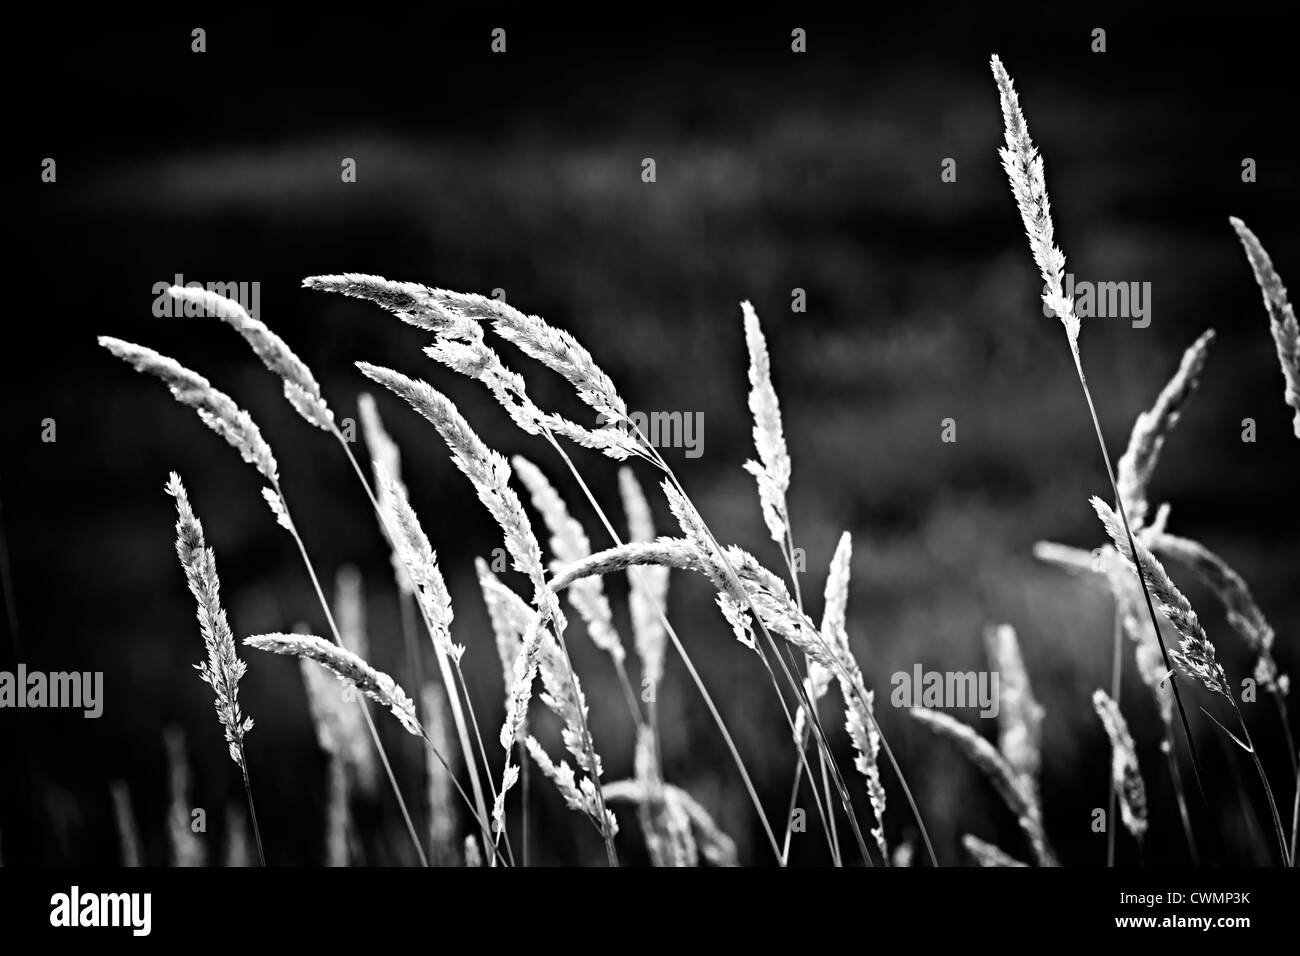 Tall erba selvatica gambi crescono in bianco e nero Immagini Stock